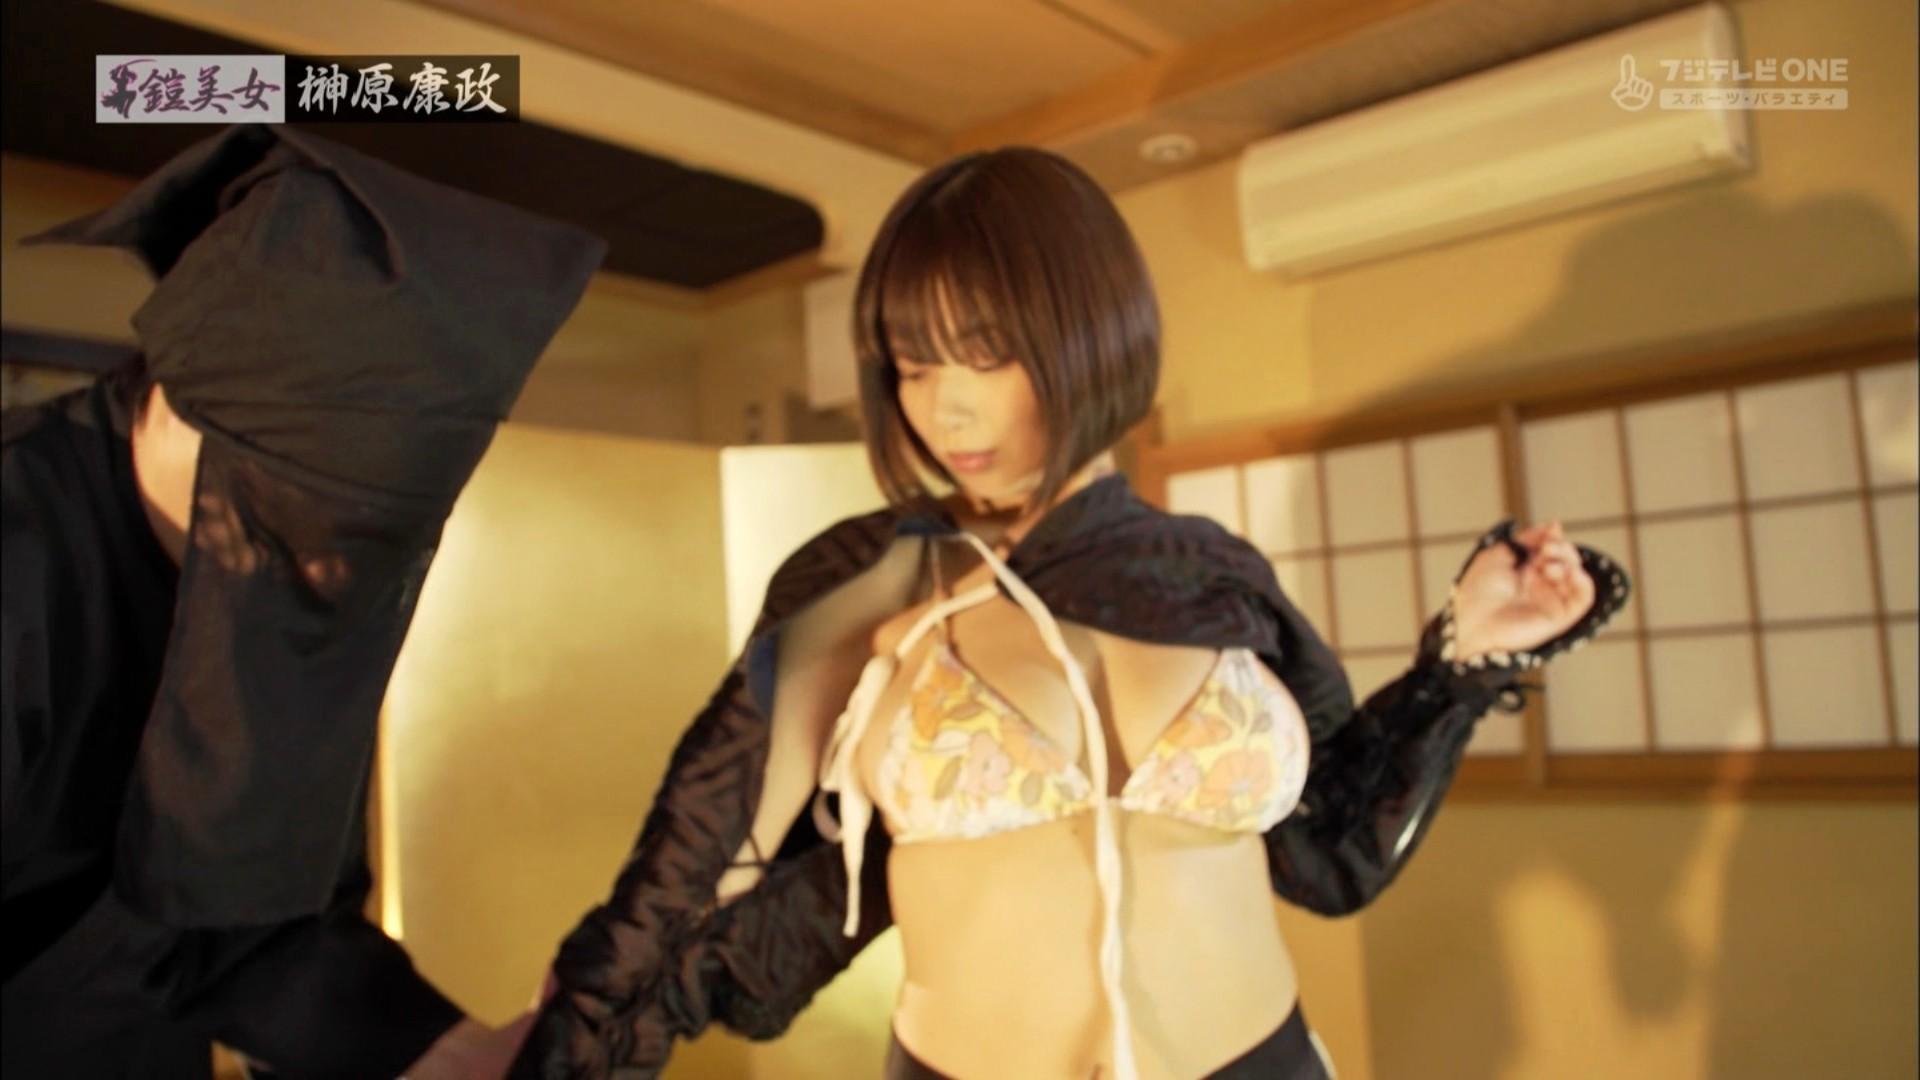 鎧美女#52のテレビキャプチャー画像-016